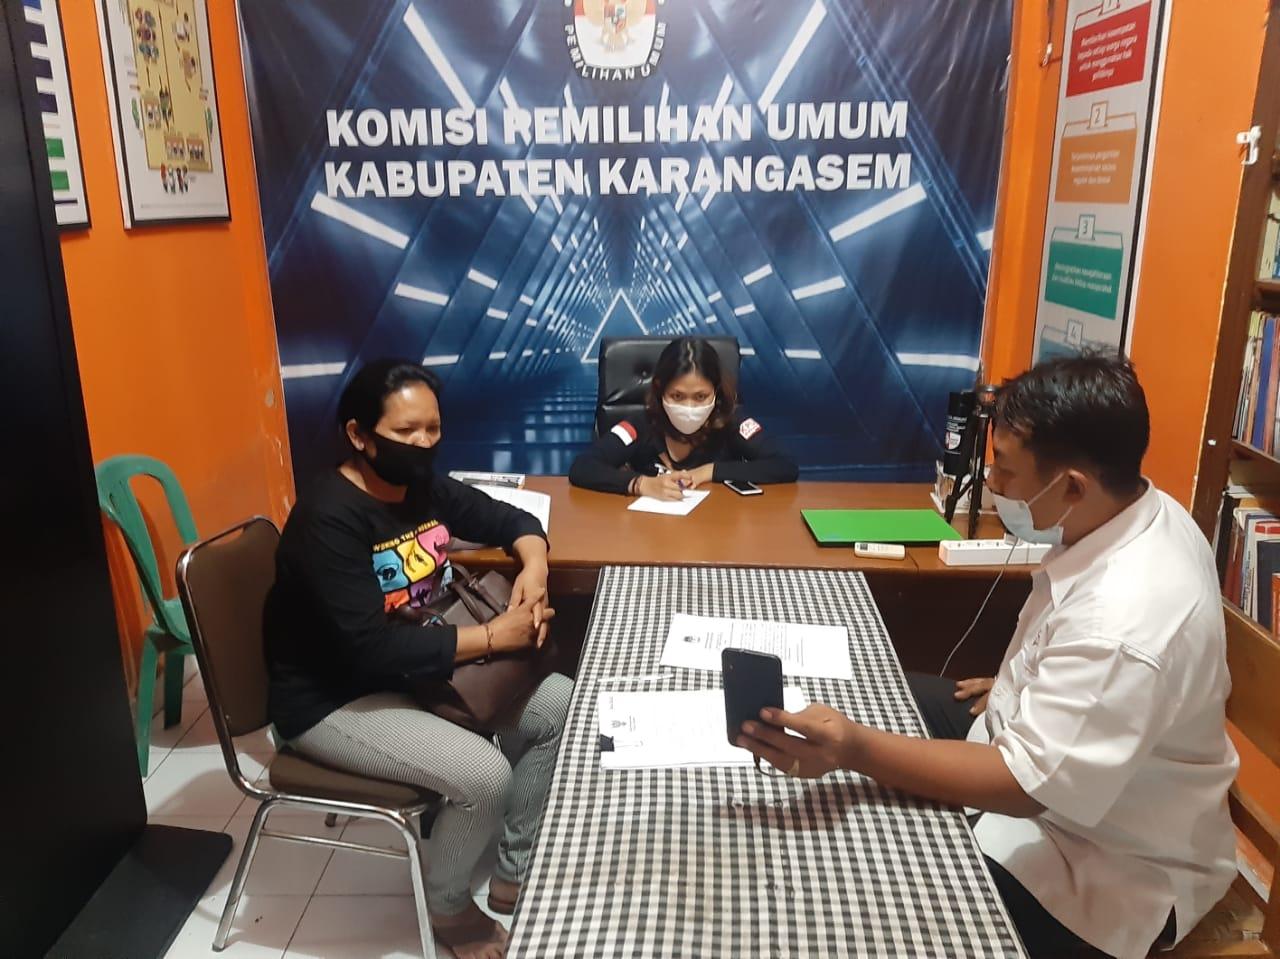 RAPAT pleno KPU Karangasem, Senin (9/11/2020) malam dengan agenda pemilihan Ketua KPU Karangasem definitif. Foto: ist